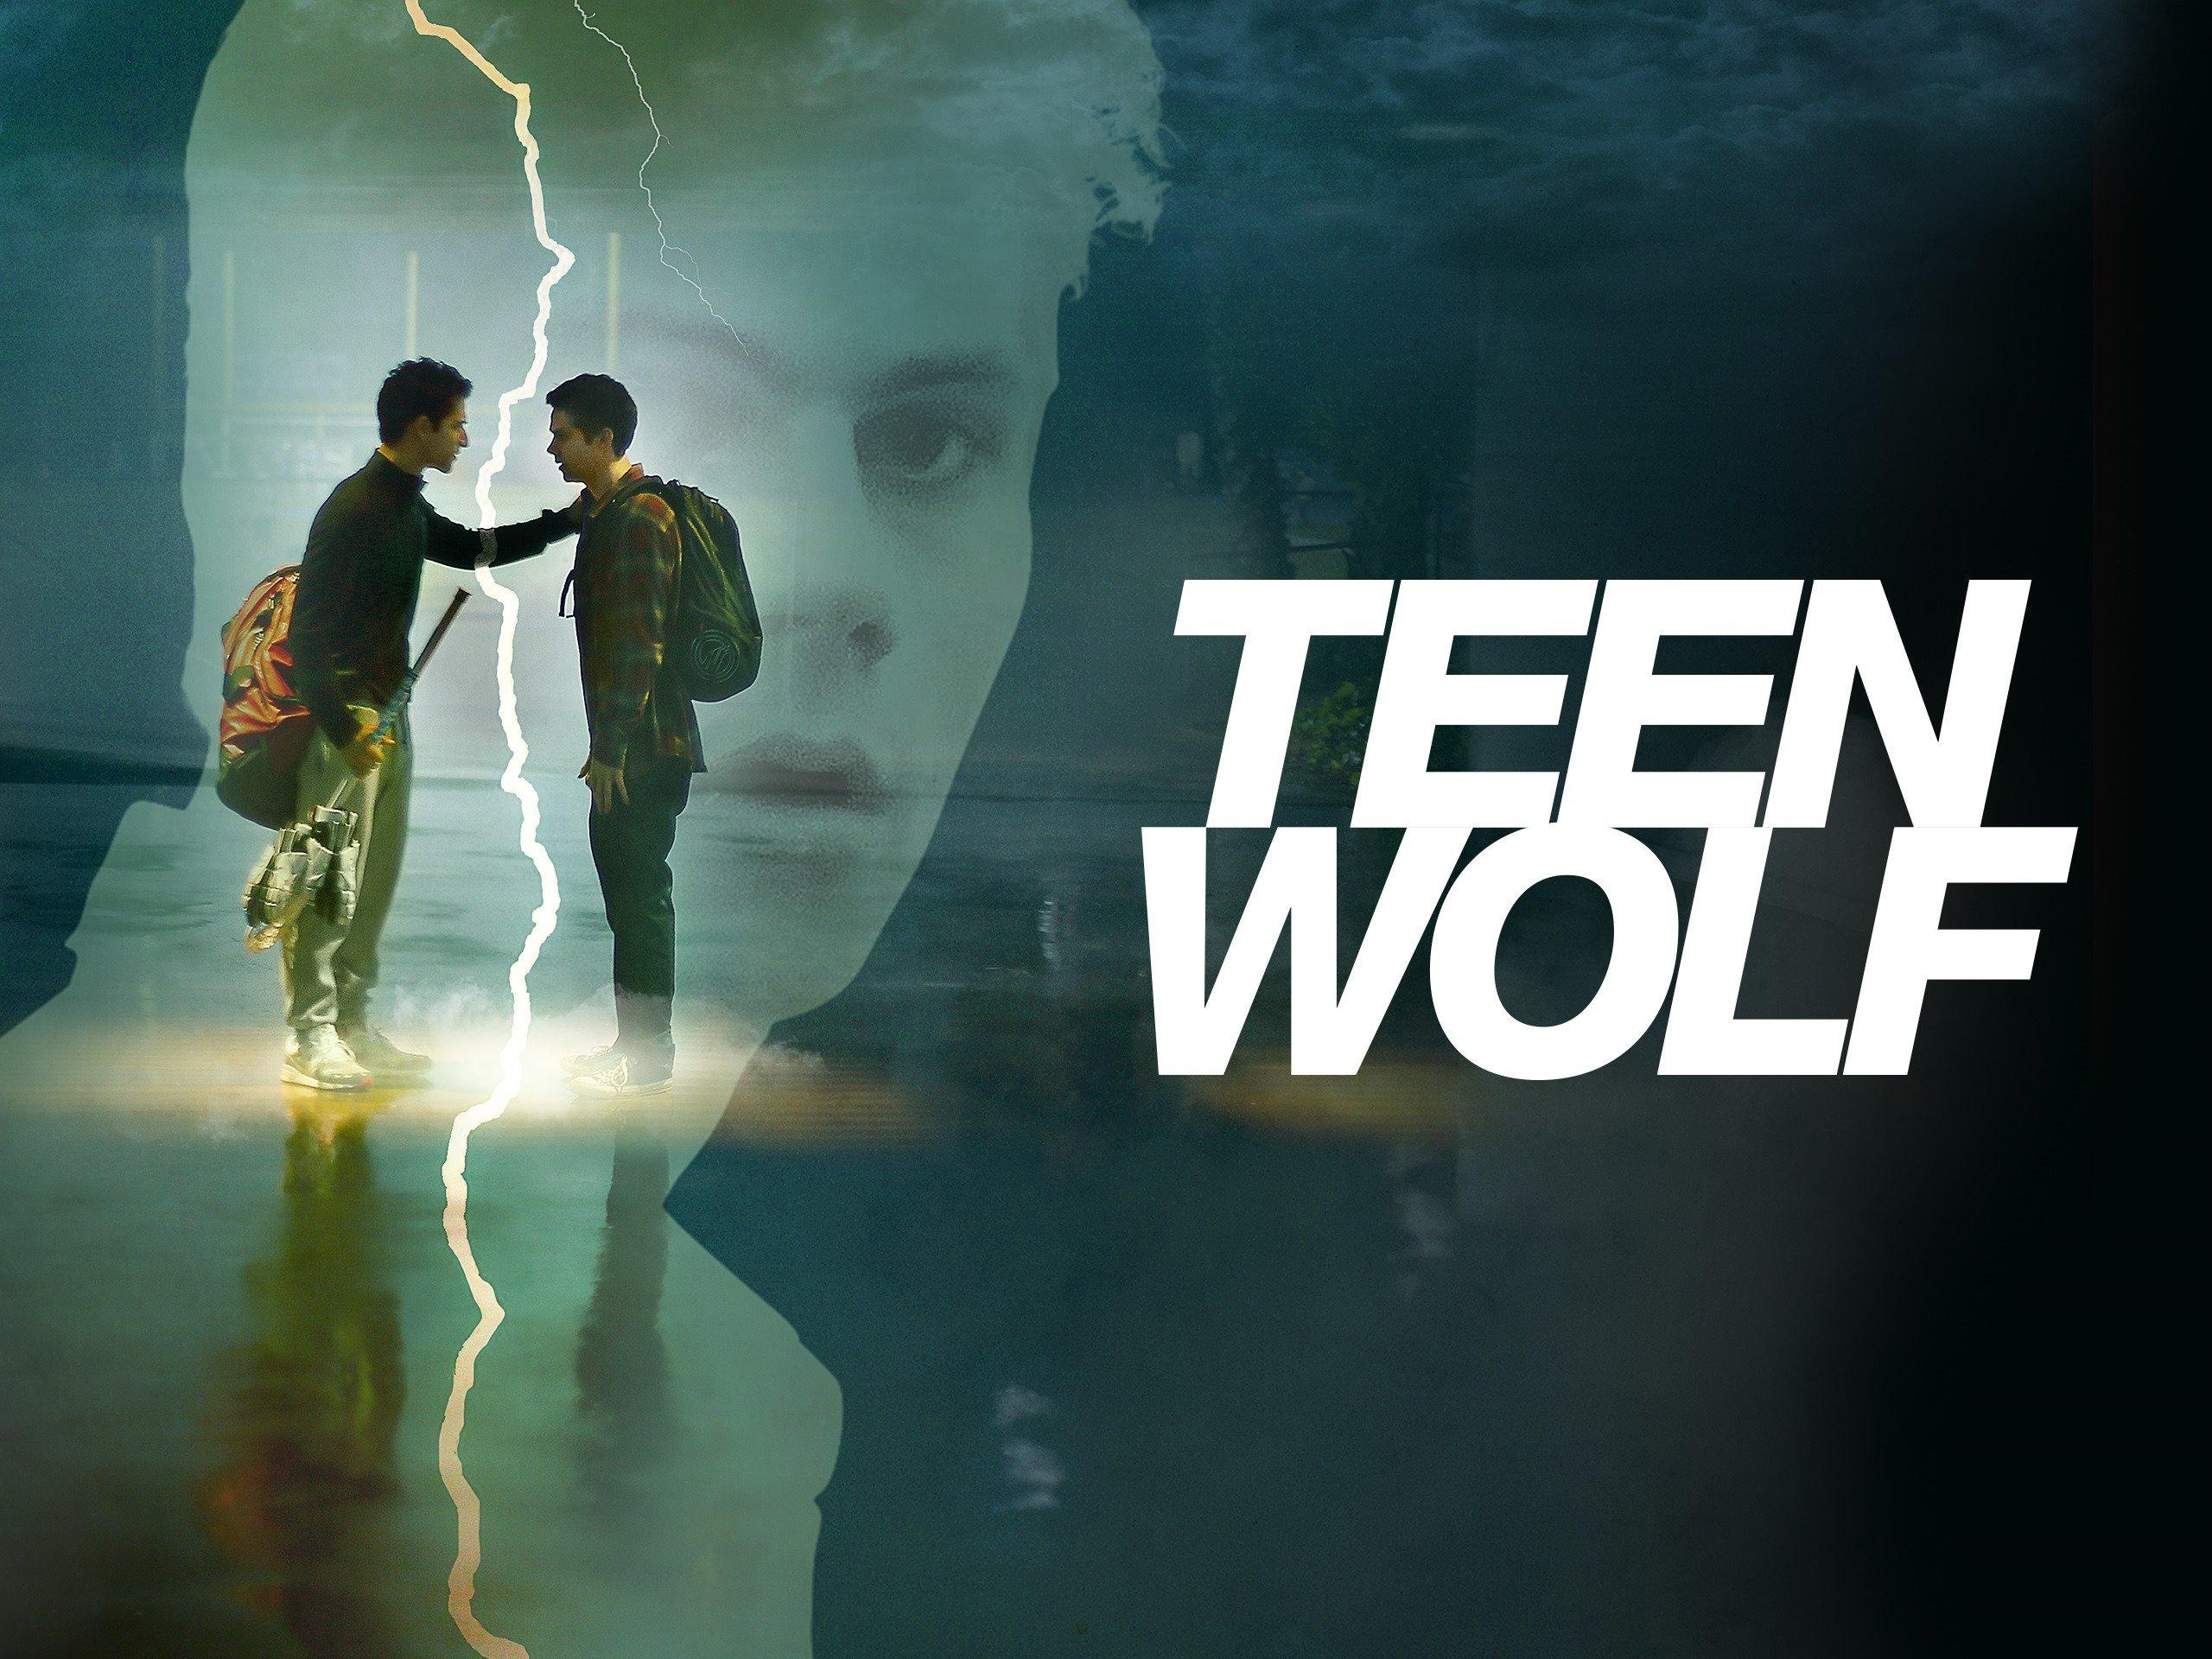 Amazon teen wolf season 6 part 1 amazon digital services llc m4hsunfo